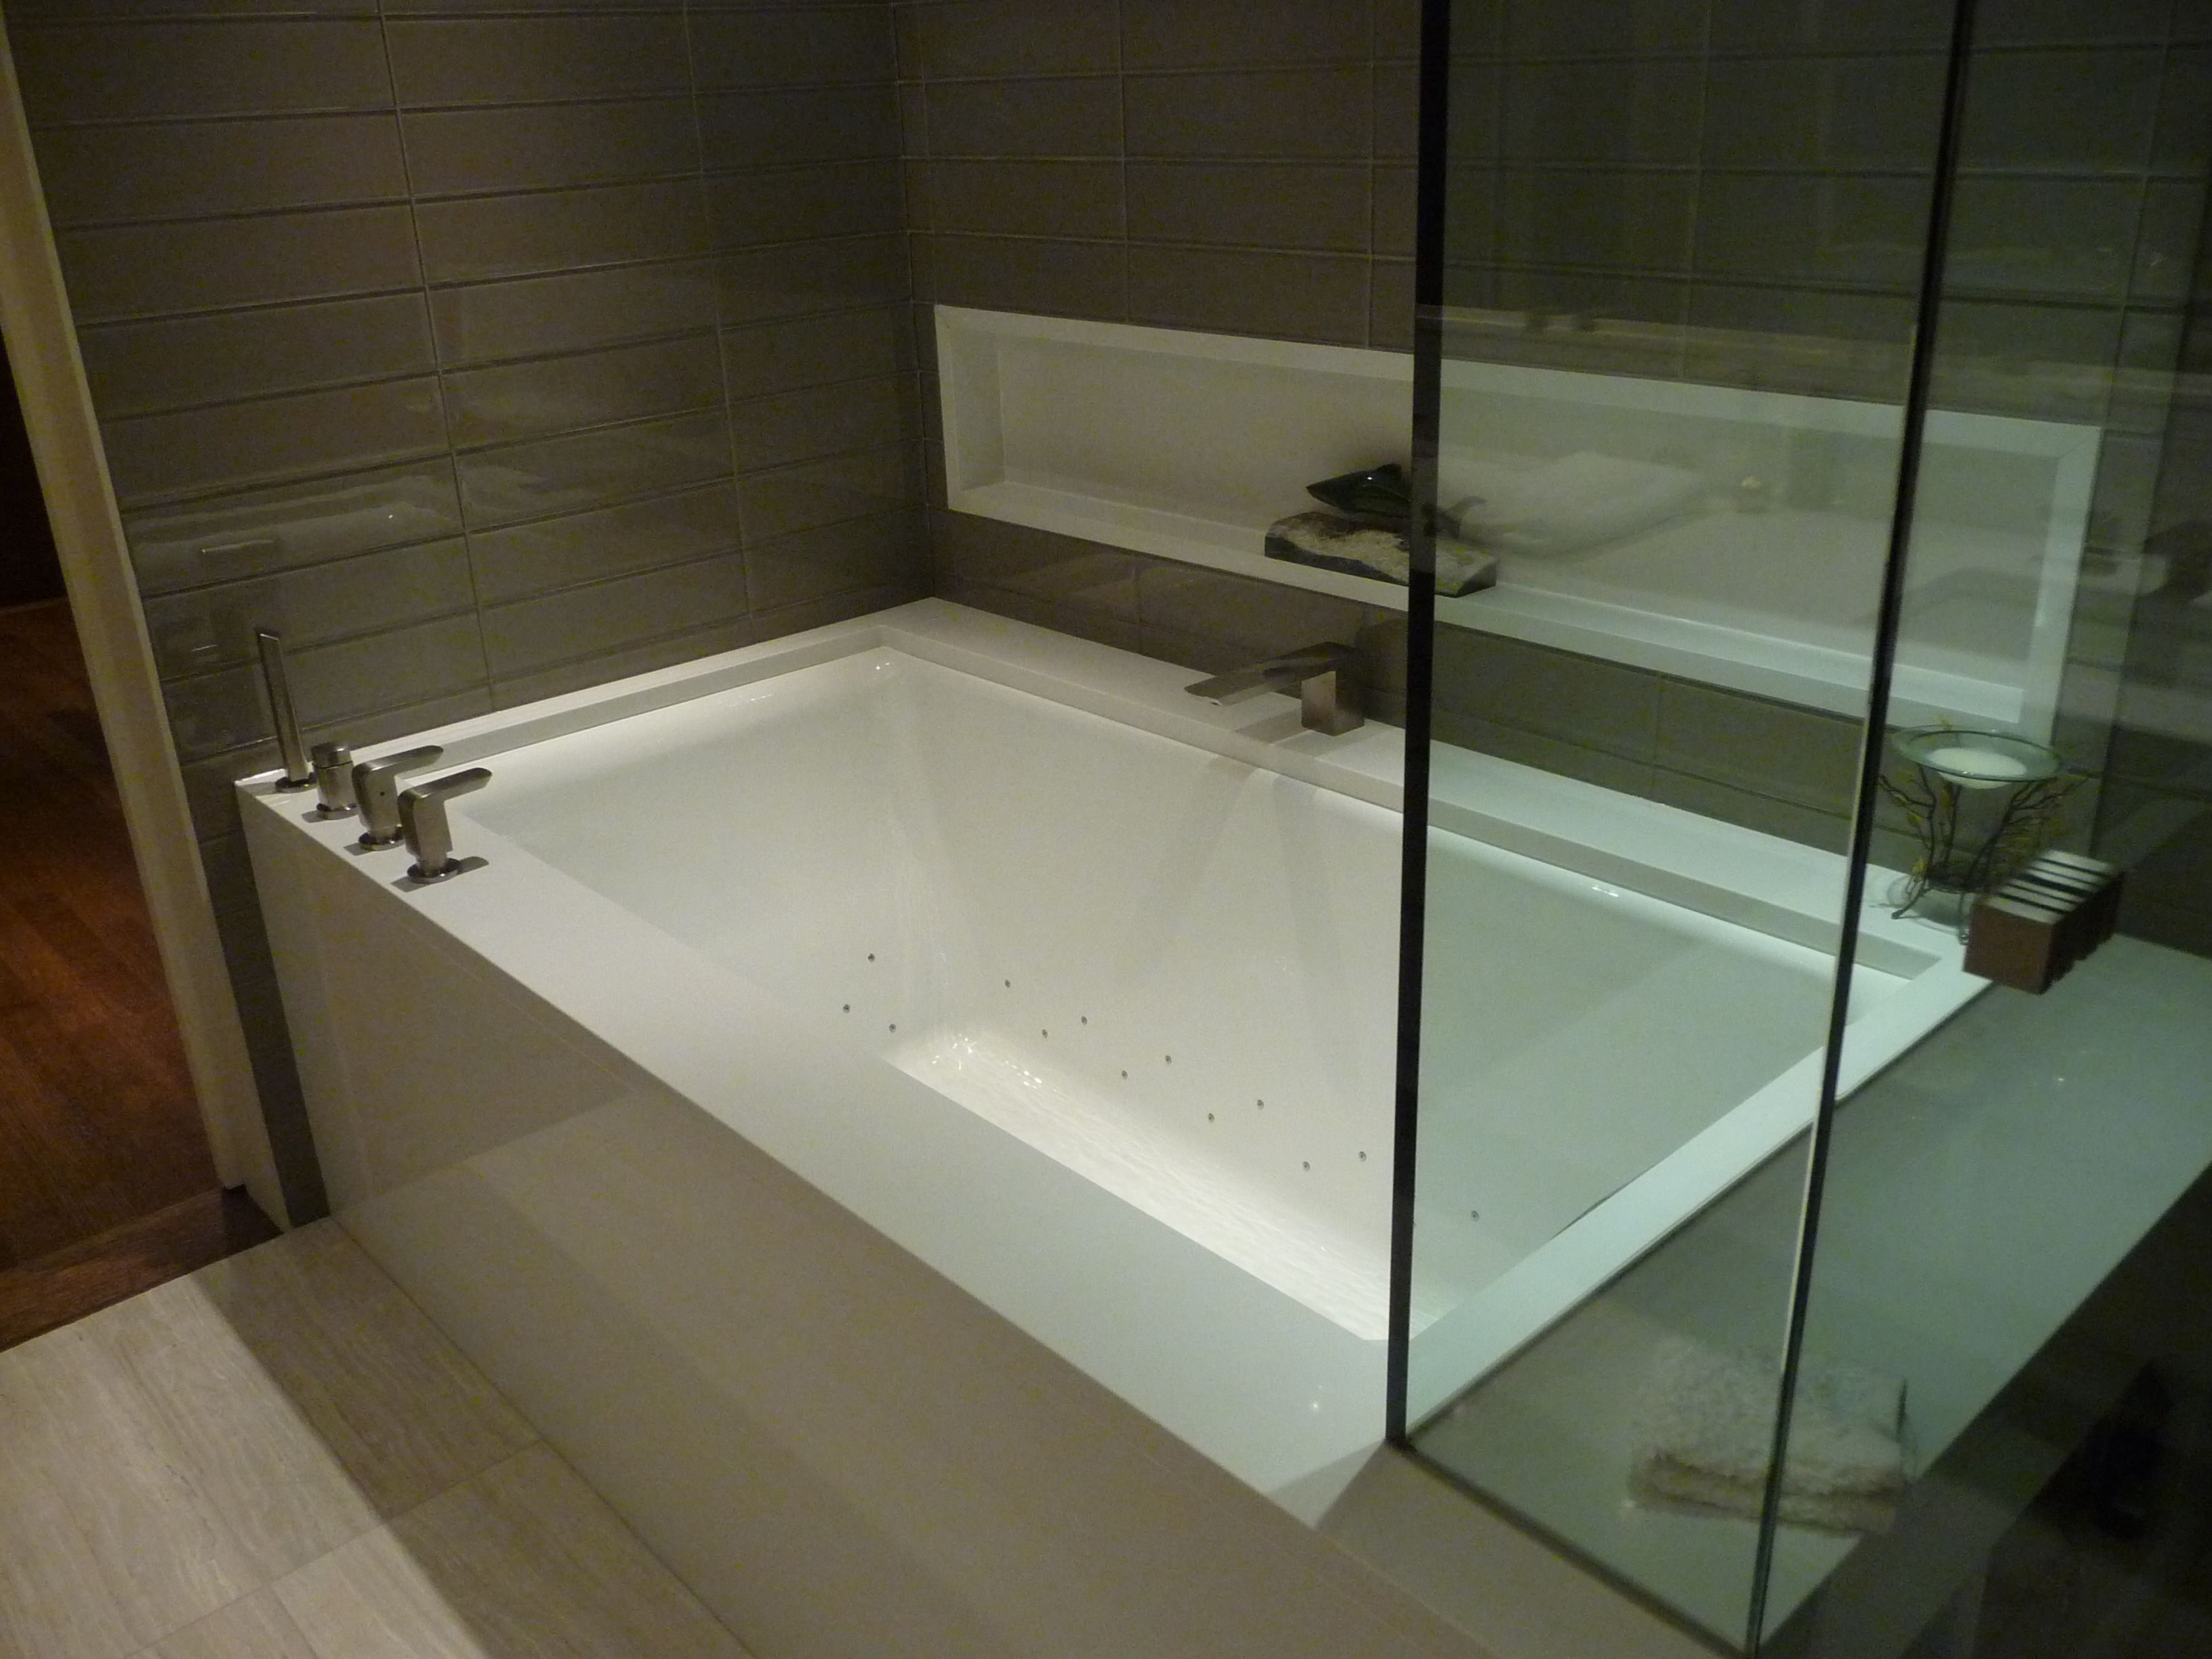 Tub Surround In White Quartz With Images Quartz Bathroom Tub